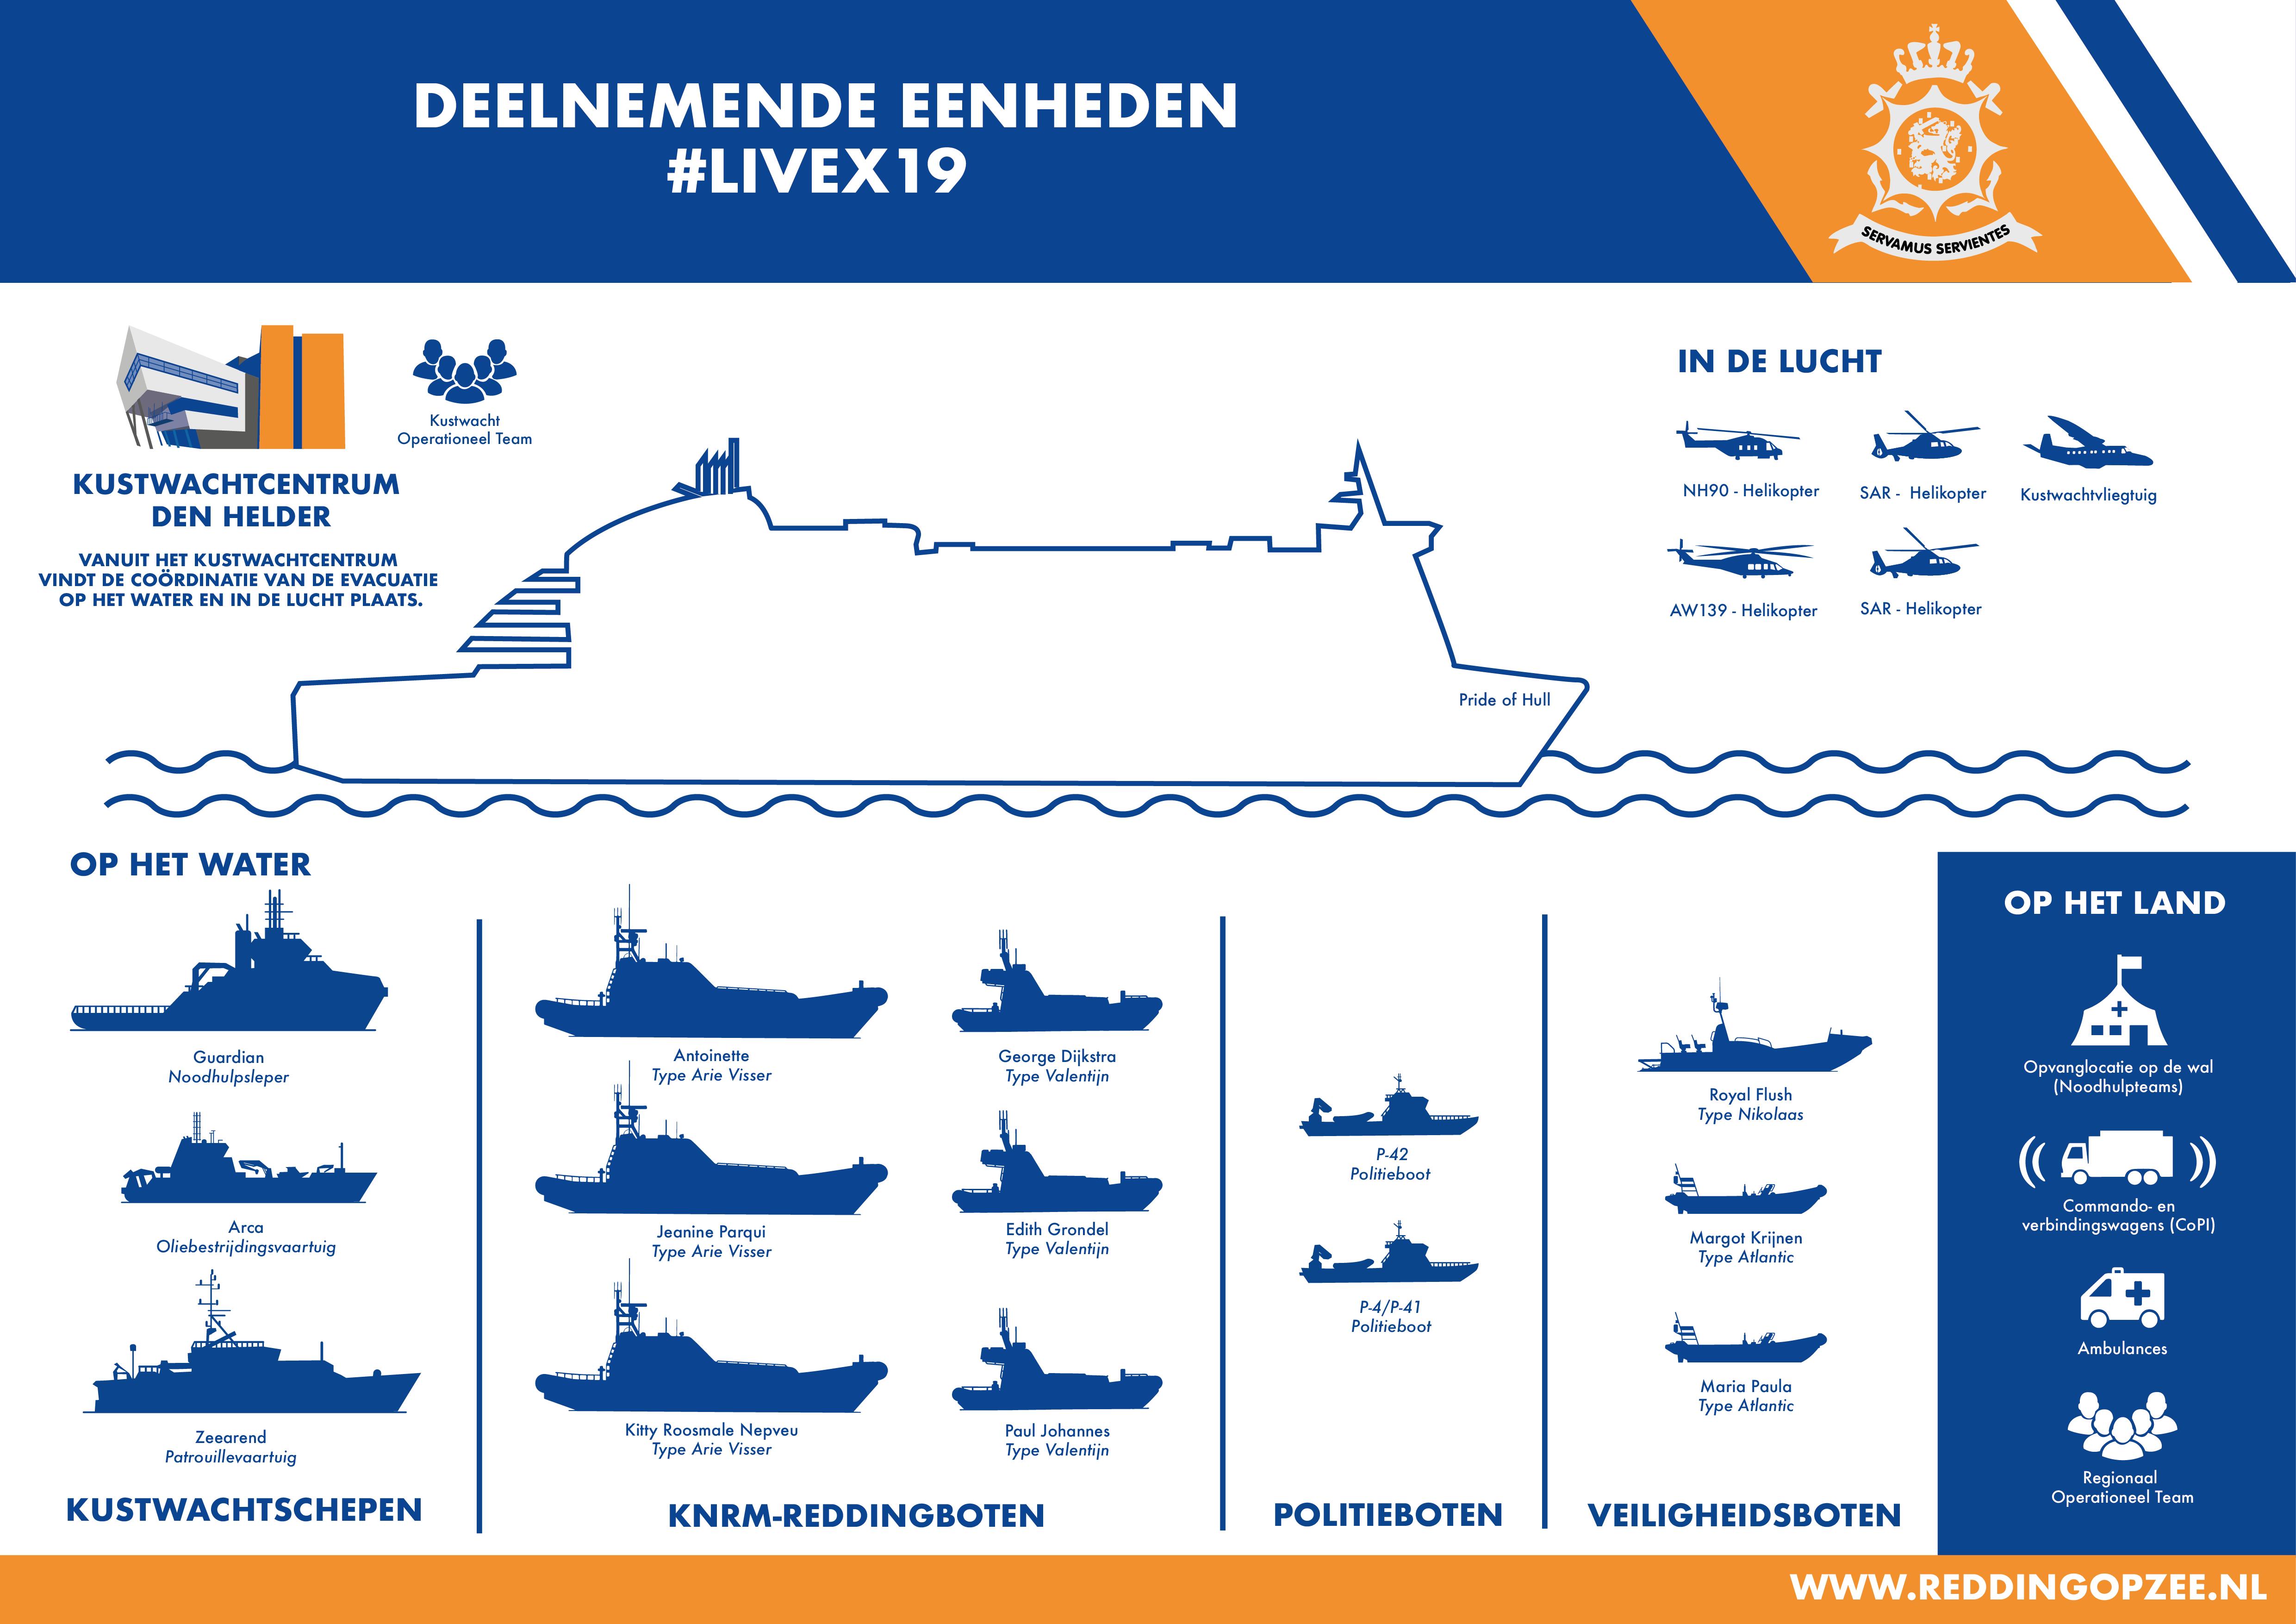 Infographic eenheden LIVEX19